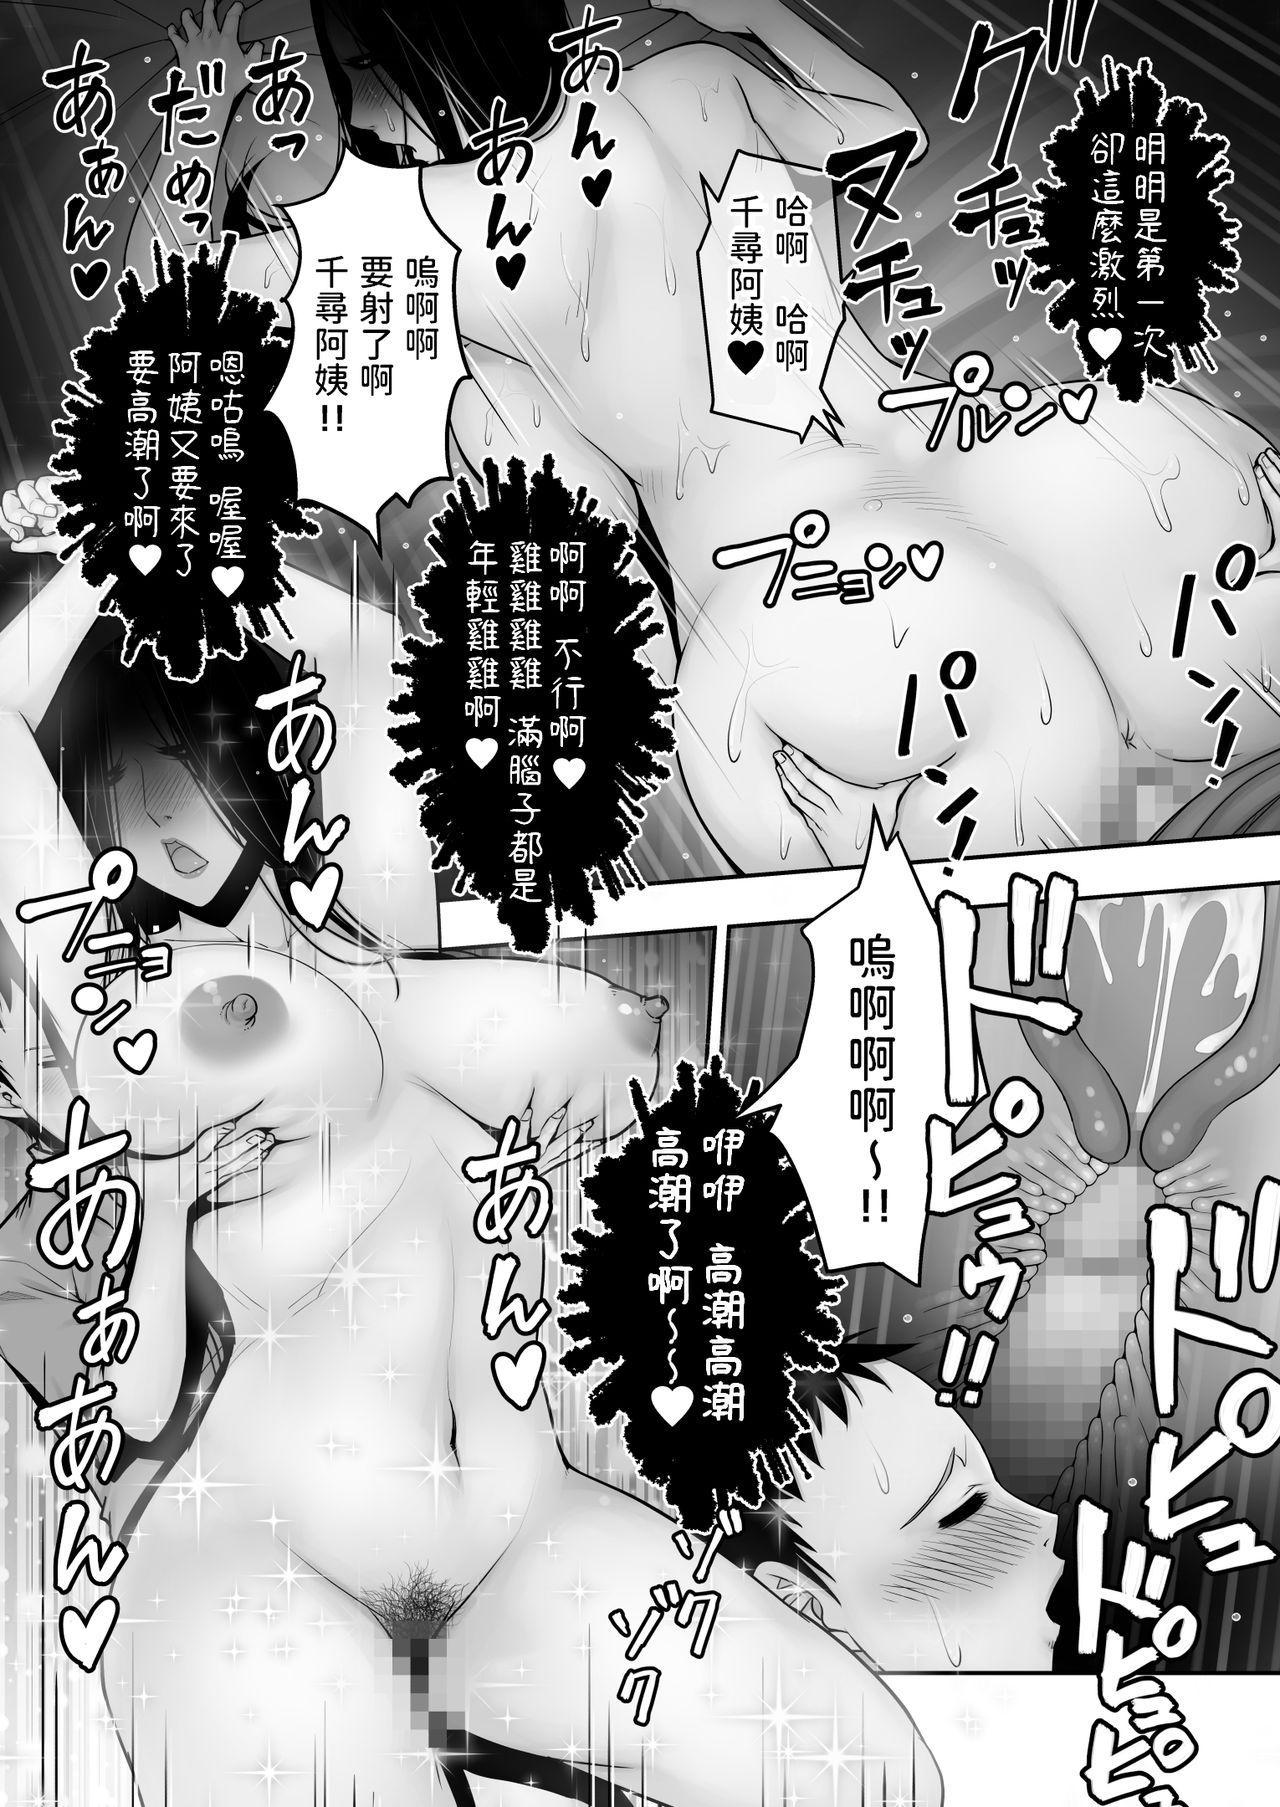 Doutei ga Heya ni Toritsuite Iru Onna Yuurei ni Gyaku Kanashibari o Kaketa Kekka 38